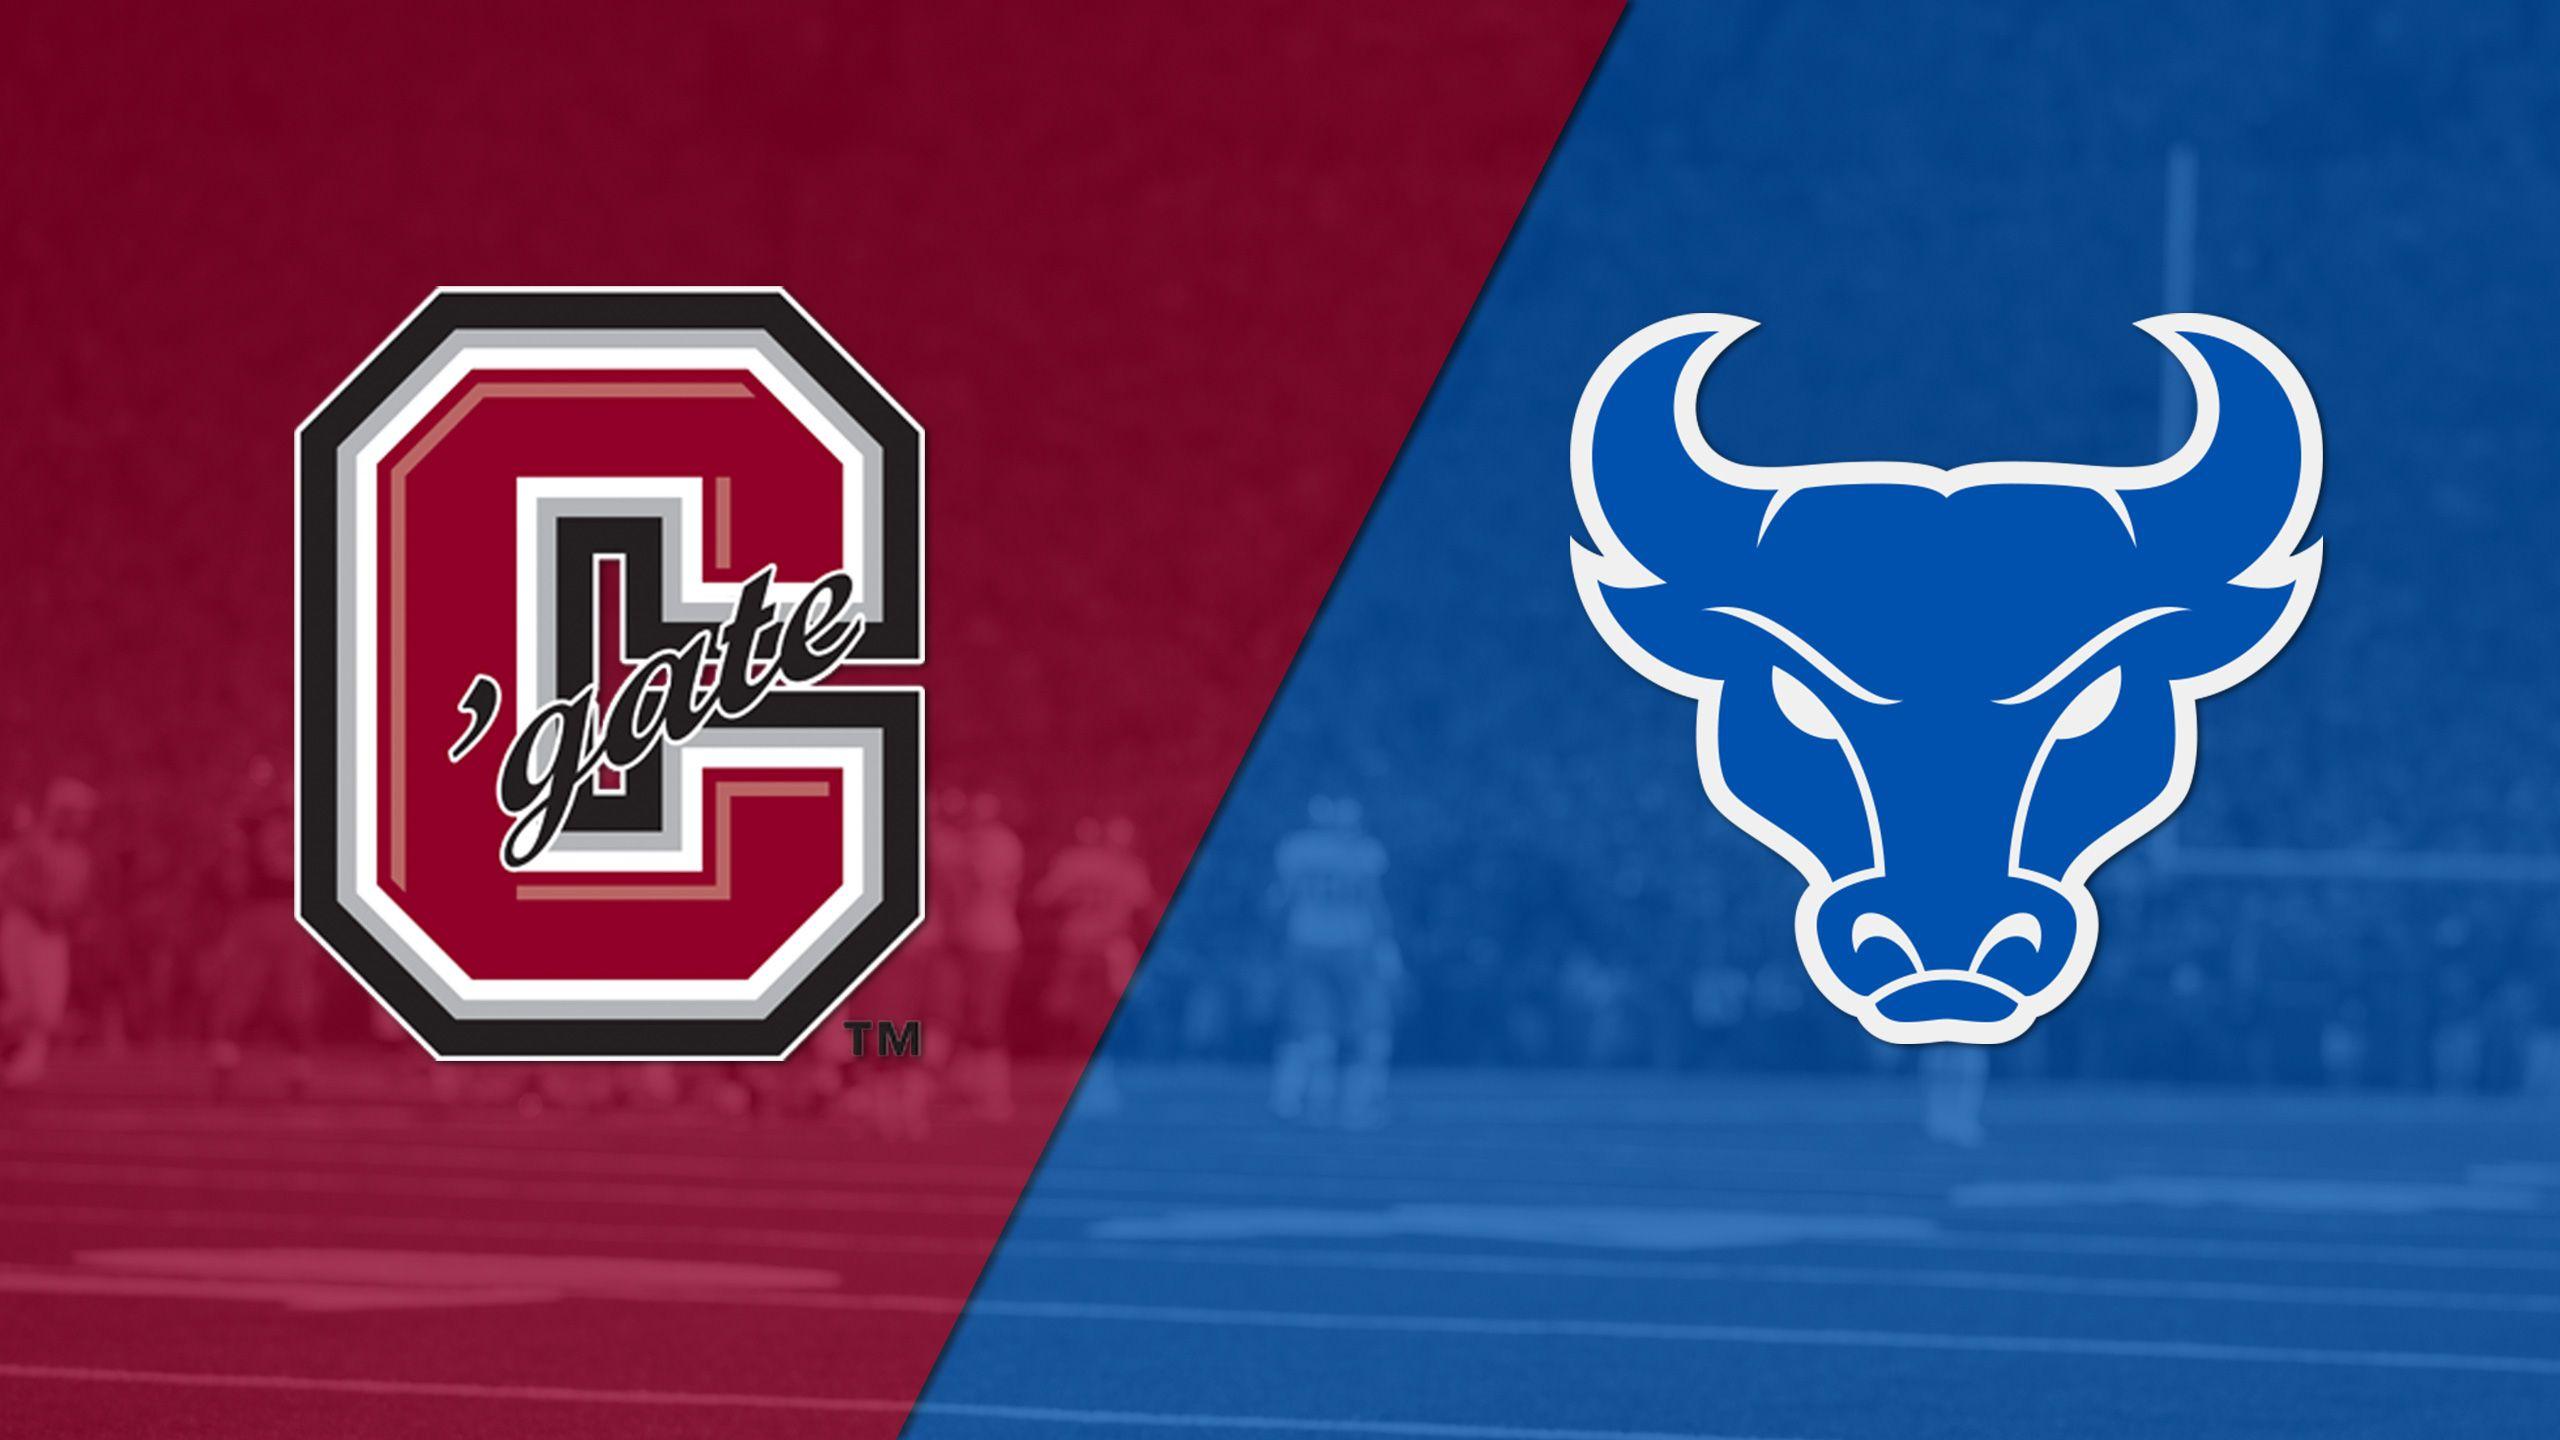 Colgate vs. Buffalo (Football)